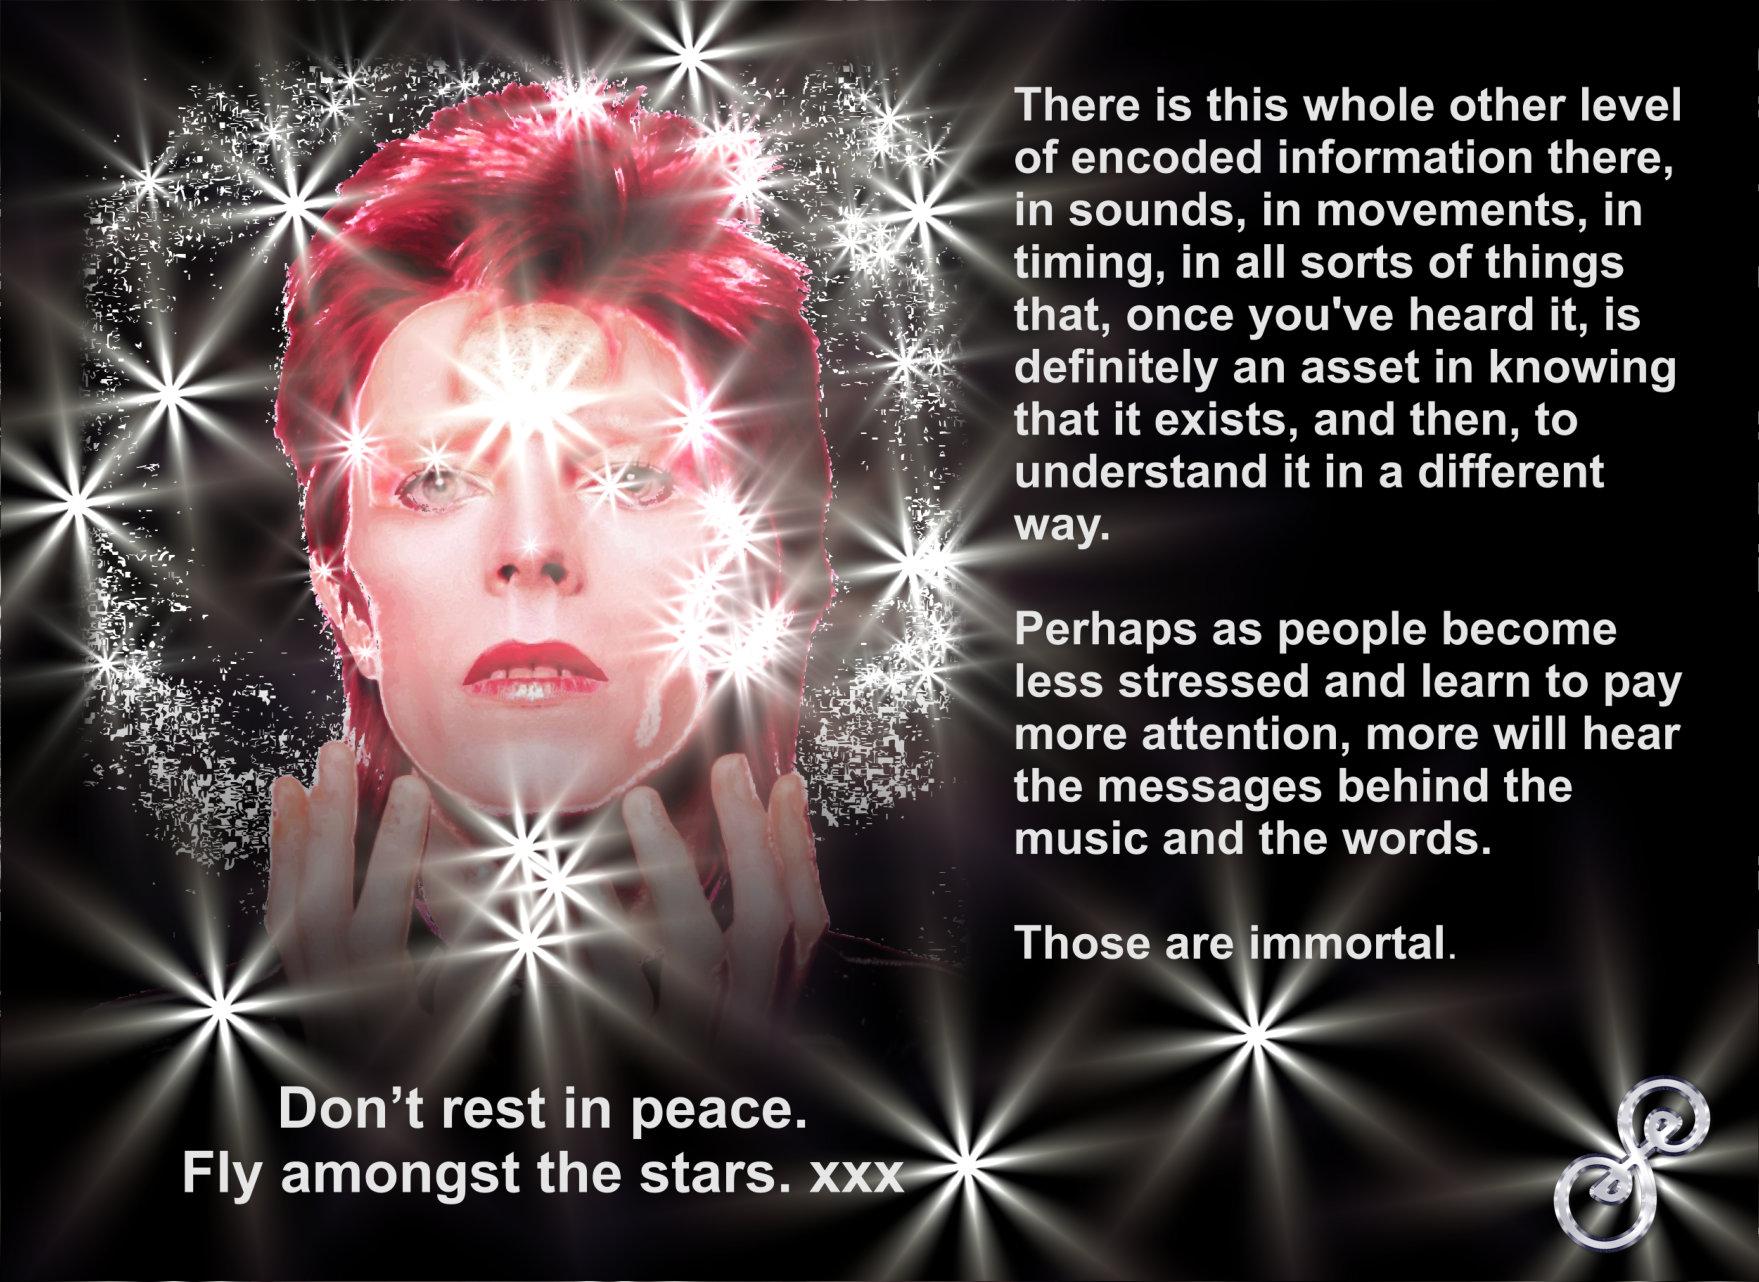 David Bowie: Eyes Of Night Wide Open